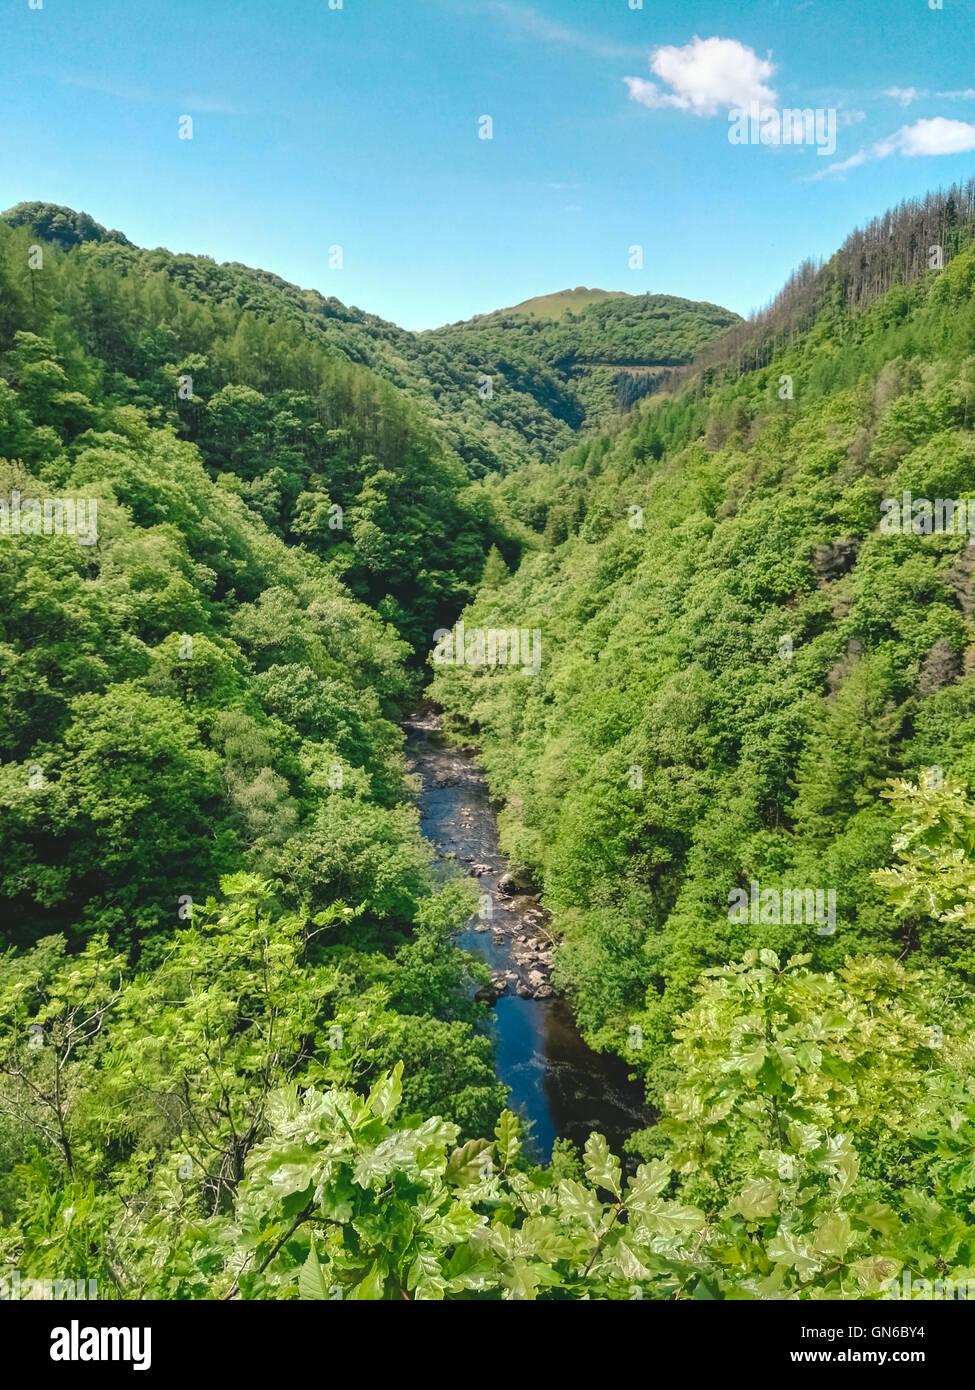 River in valley near Devil's Bridge in Wales - Stock Image